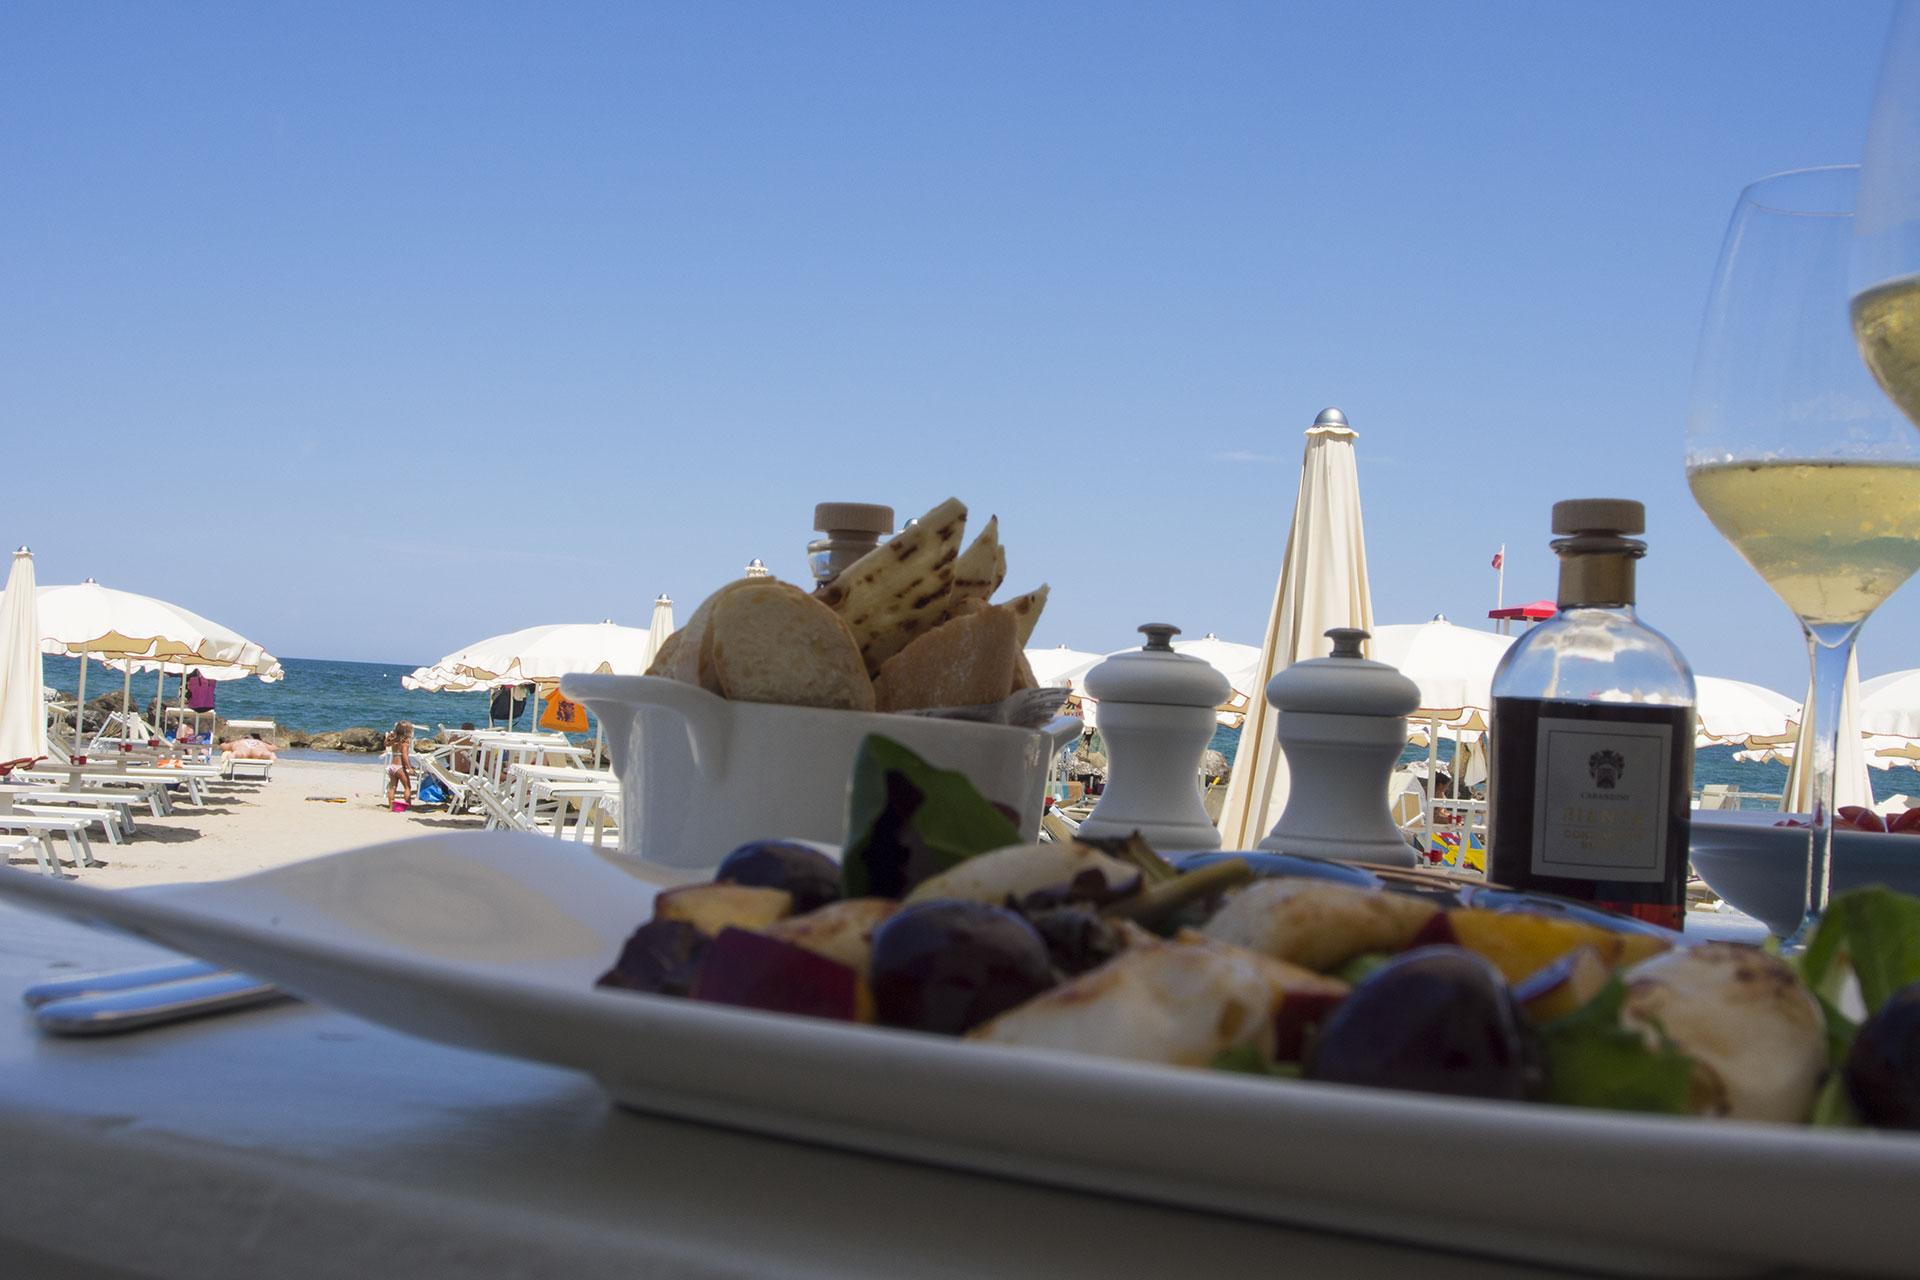 mangiare in spiaggia a misano